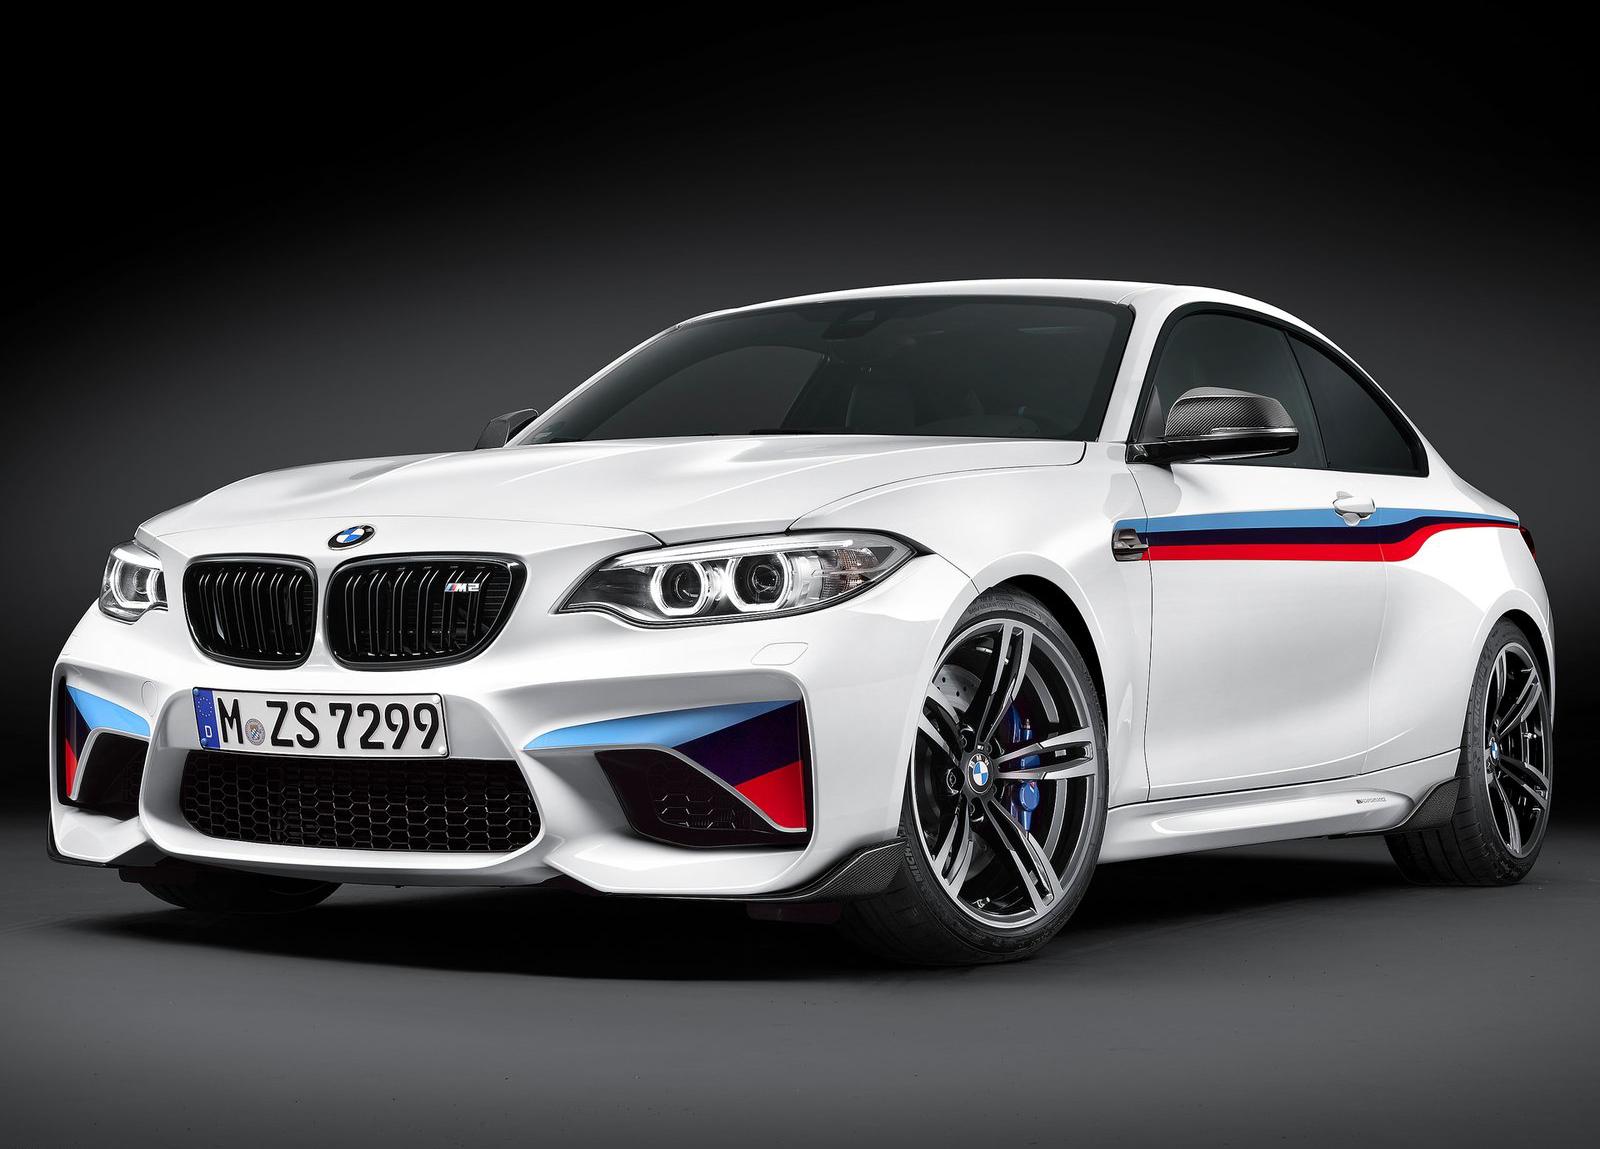 BMW To Develop Lightweight M2 CSL?